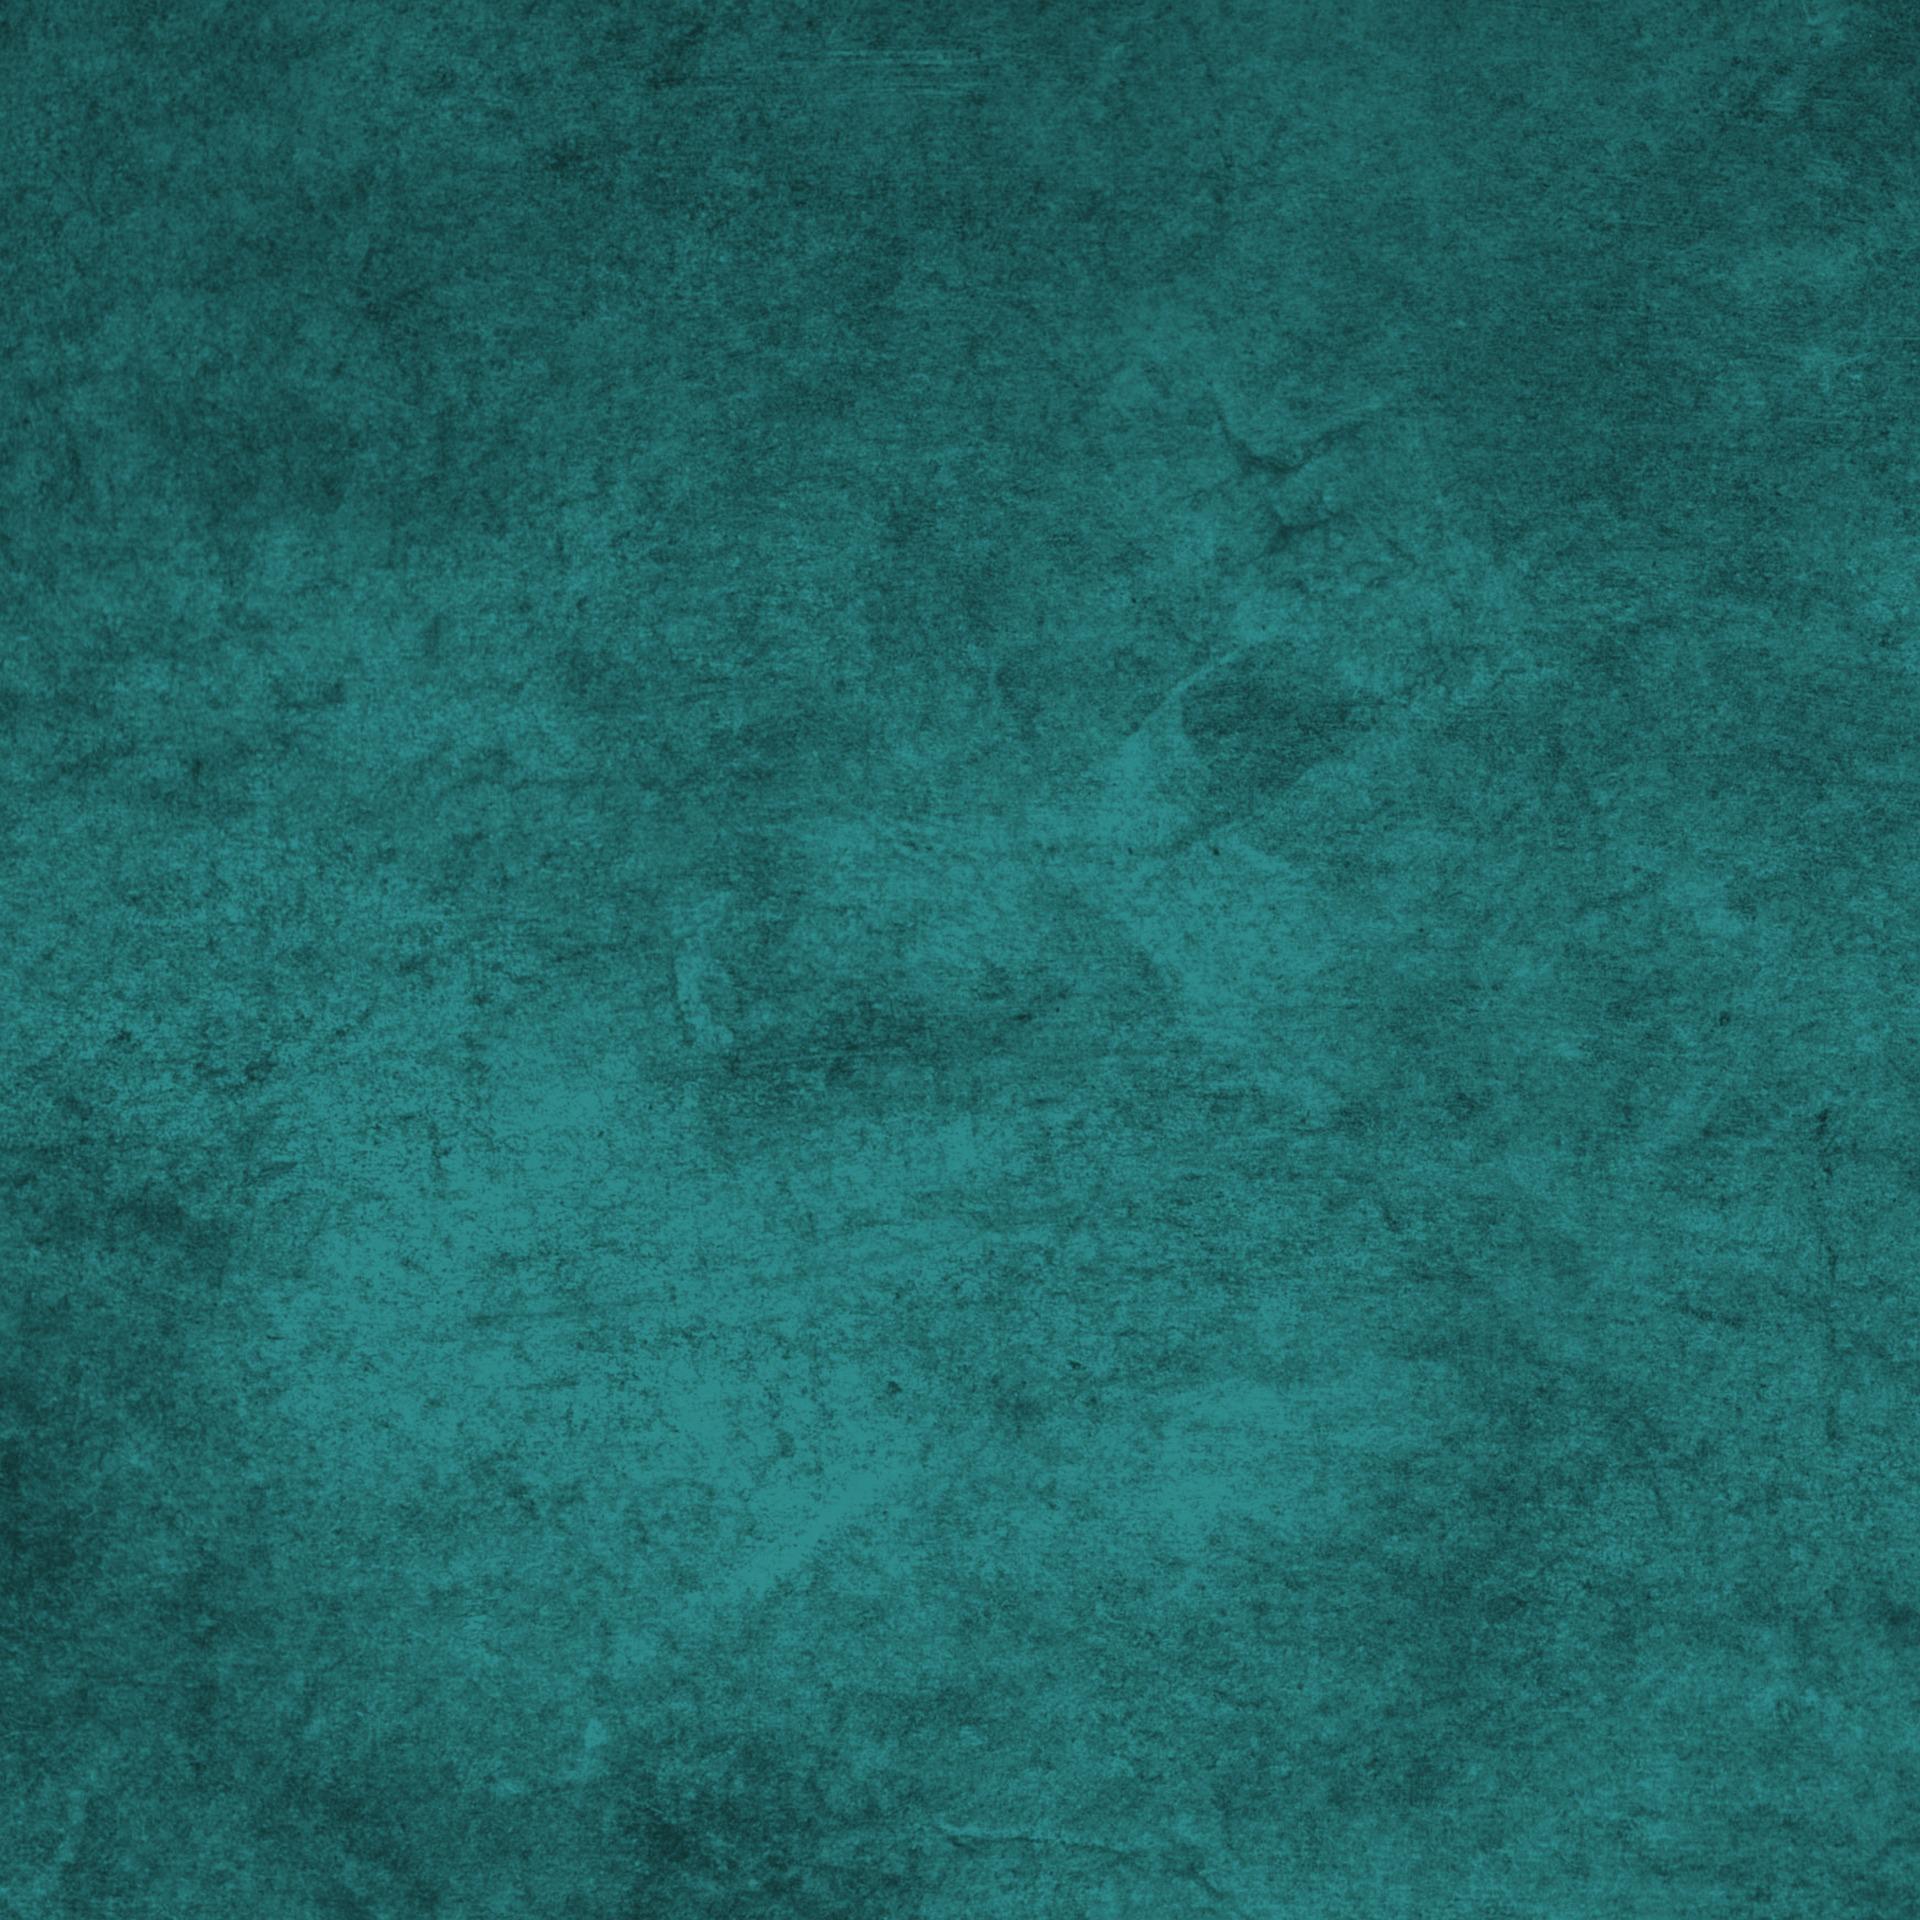 Muster mit Flächenberechnung